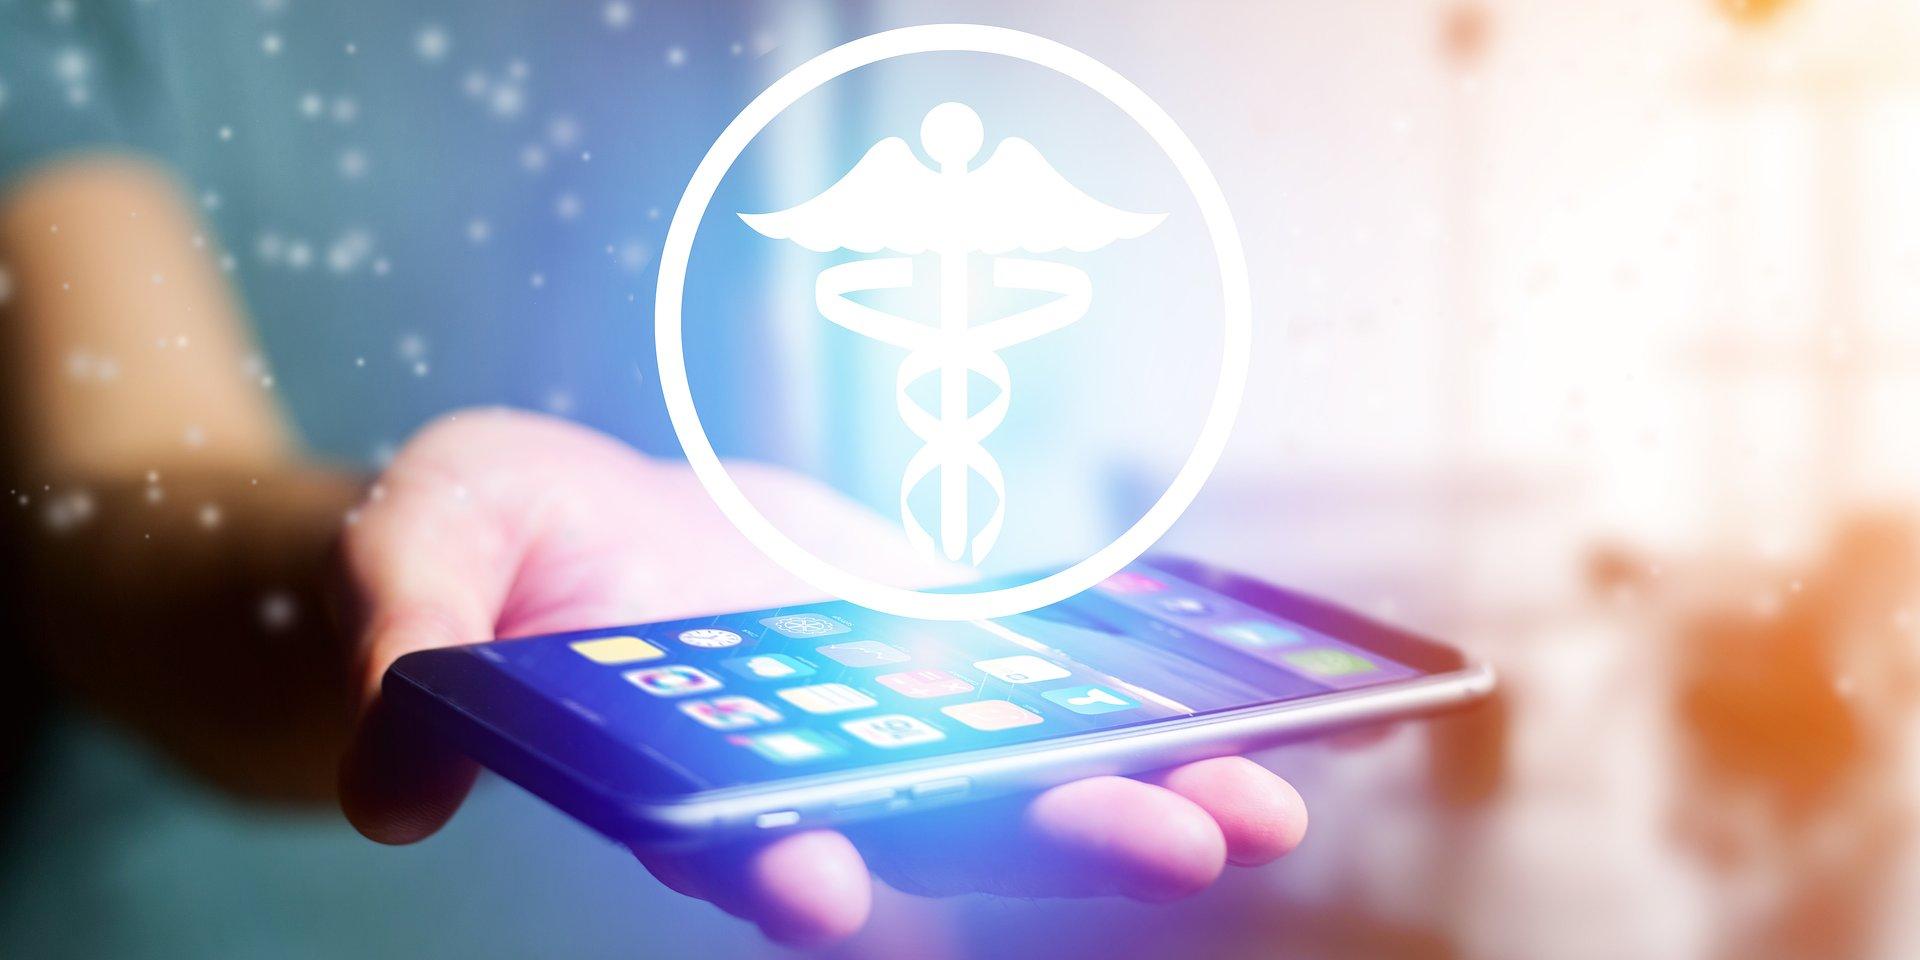 Farmaceutyczne, zdalne usługi w ustawie o zawodzie farmaceuty?